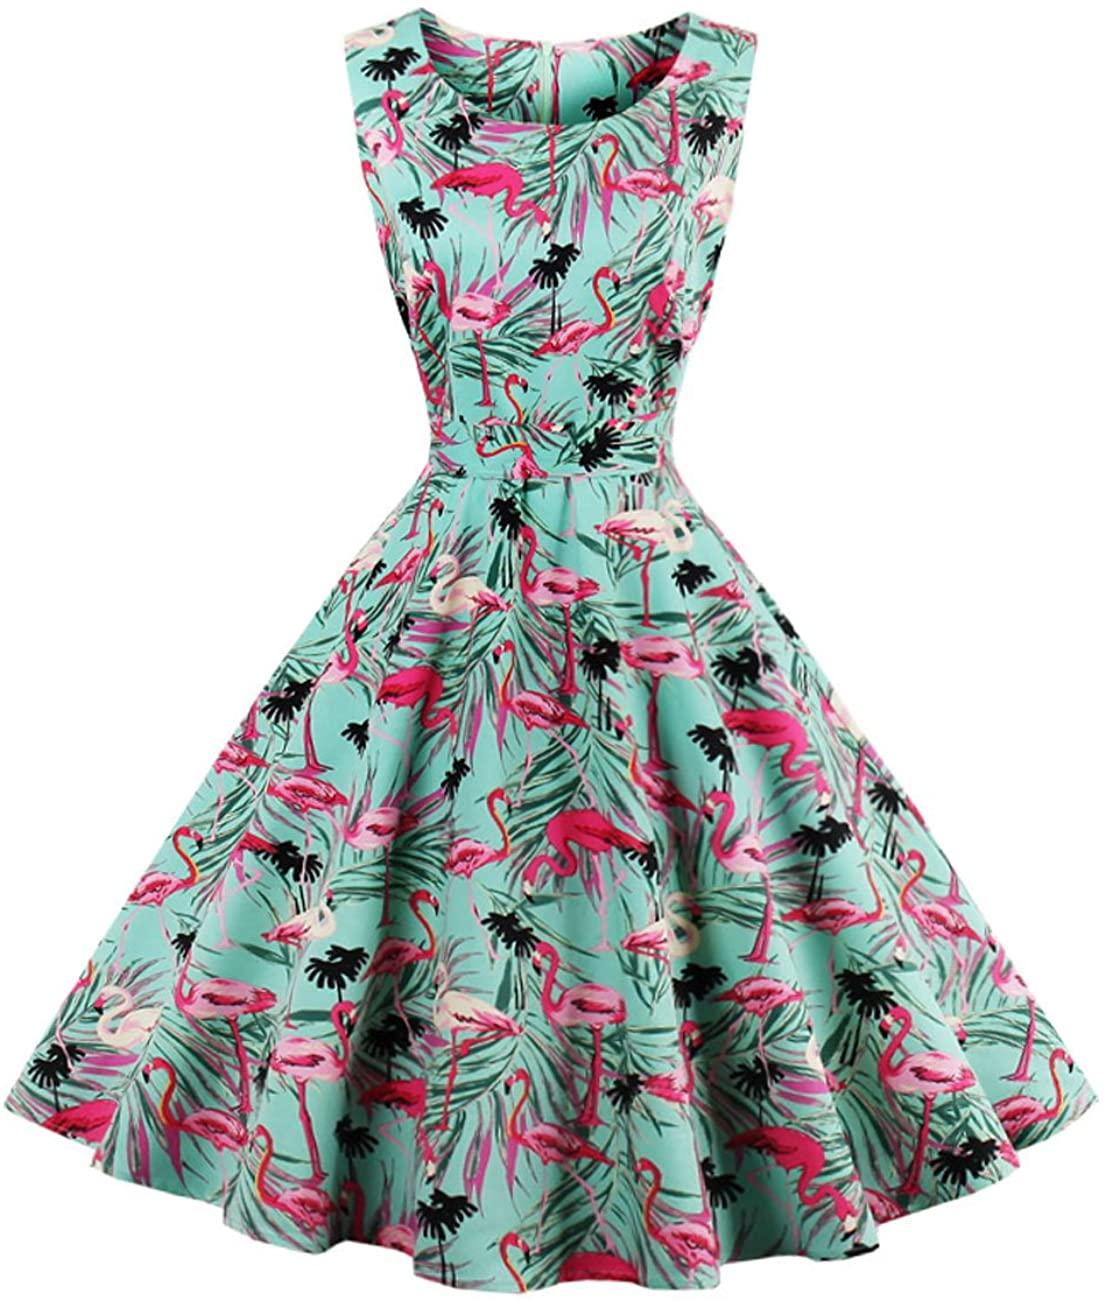 Fit Design Womens 1950S A Line Vintage Audrey Hepburn Style Party Dress